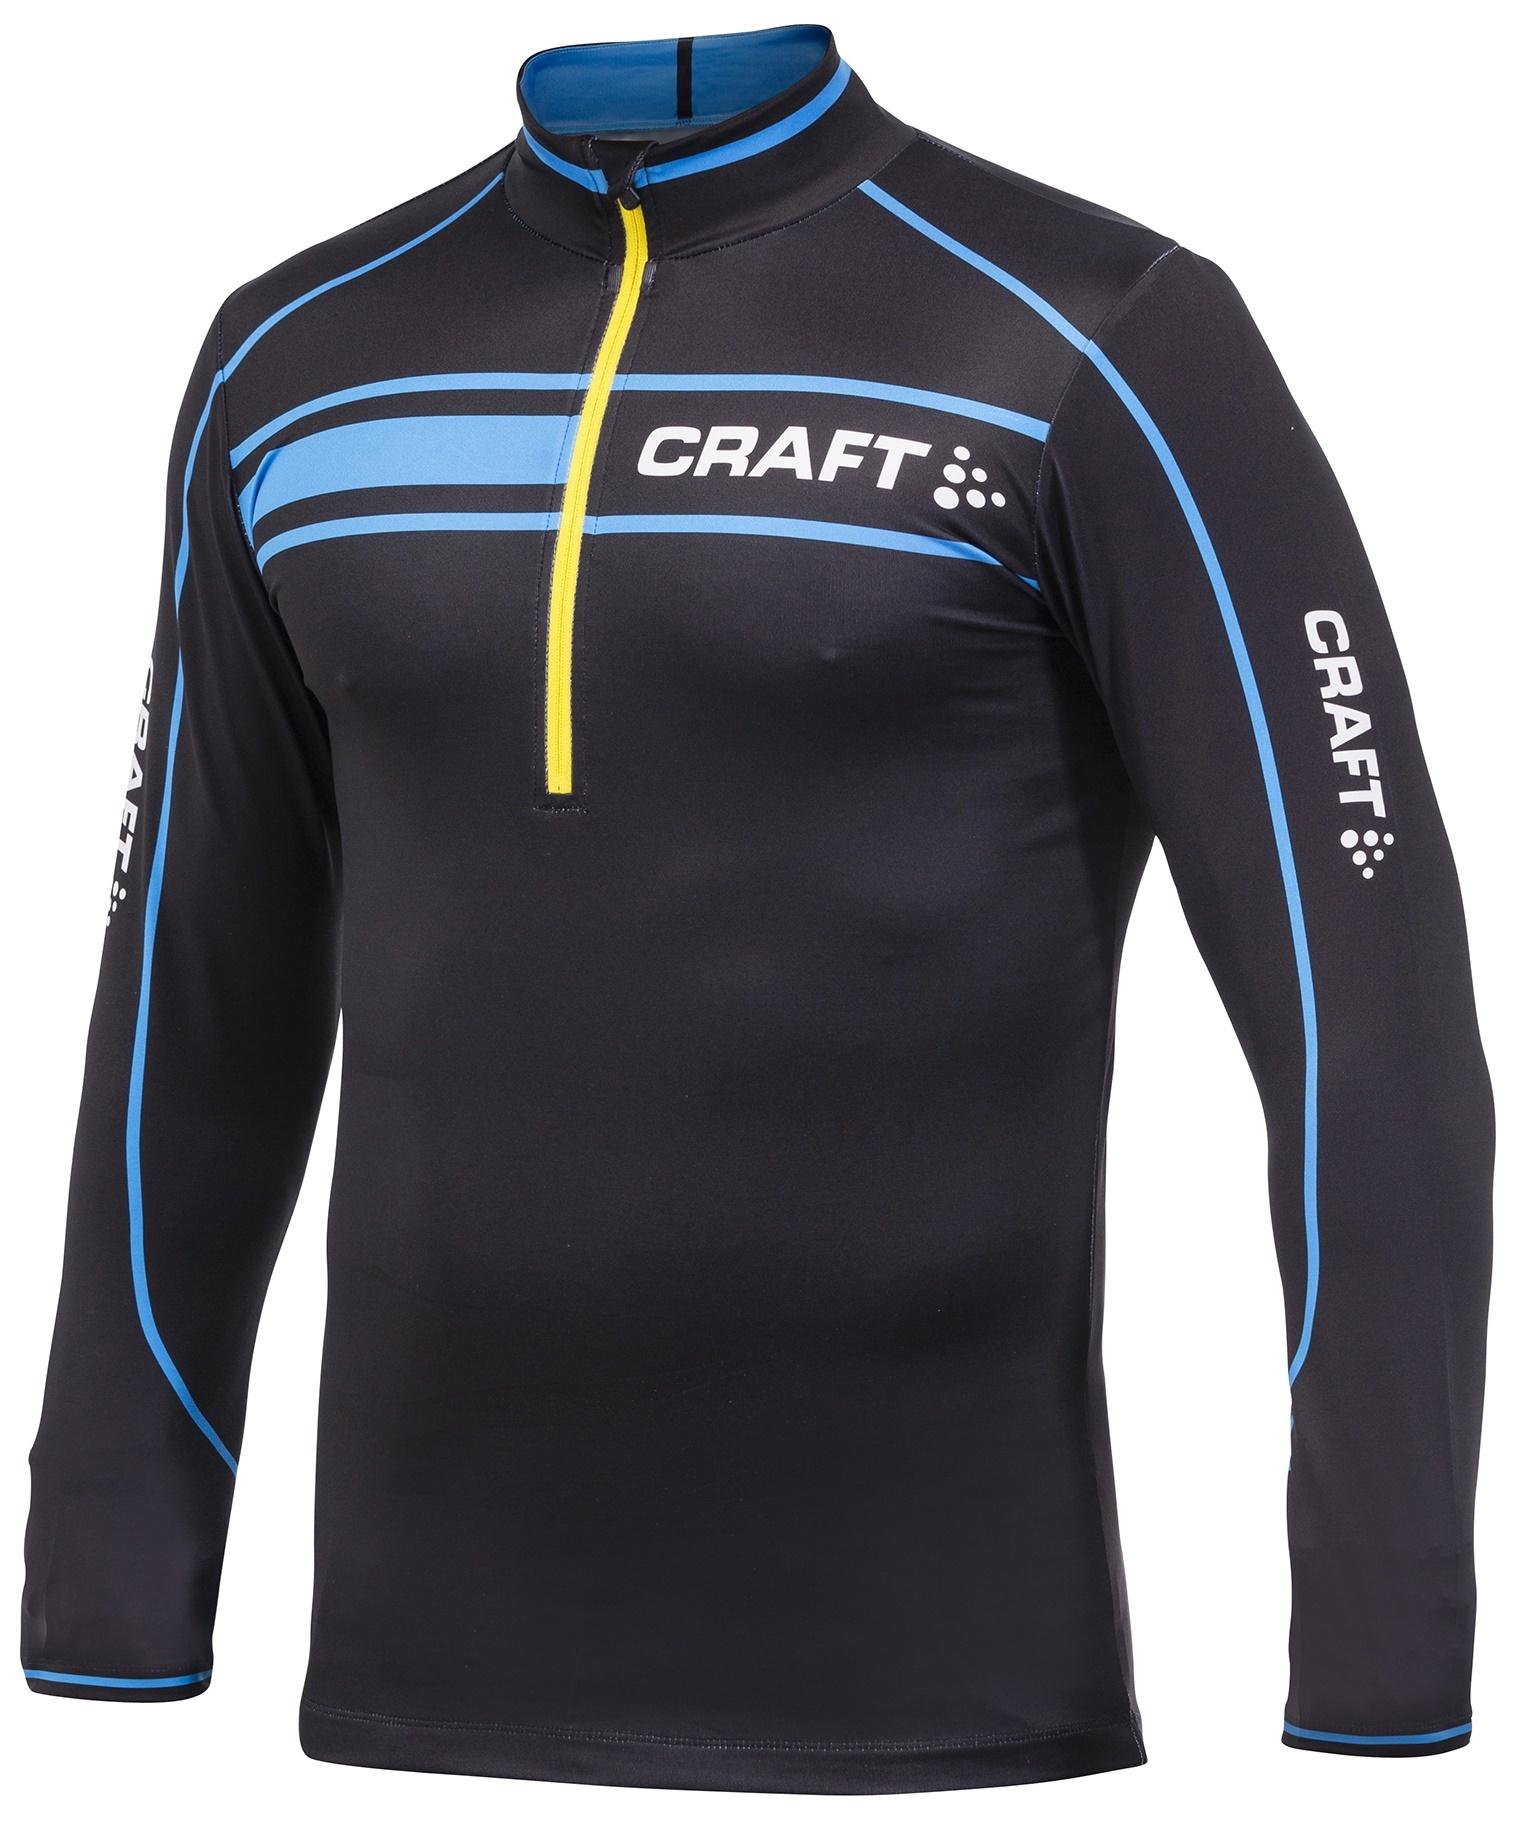 Мужская лыжная гоночная рубашка Craft PXC (1902812-9548) темно-синяя фото